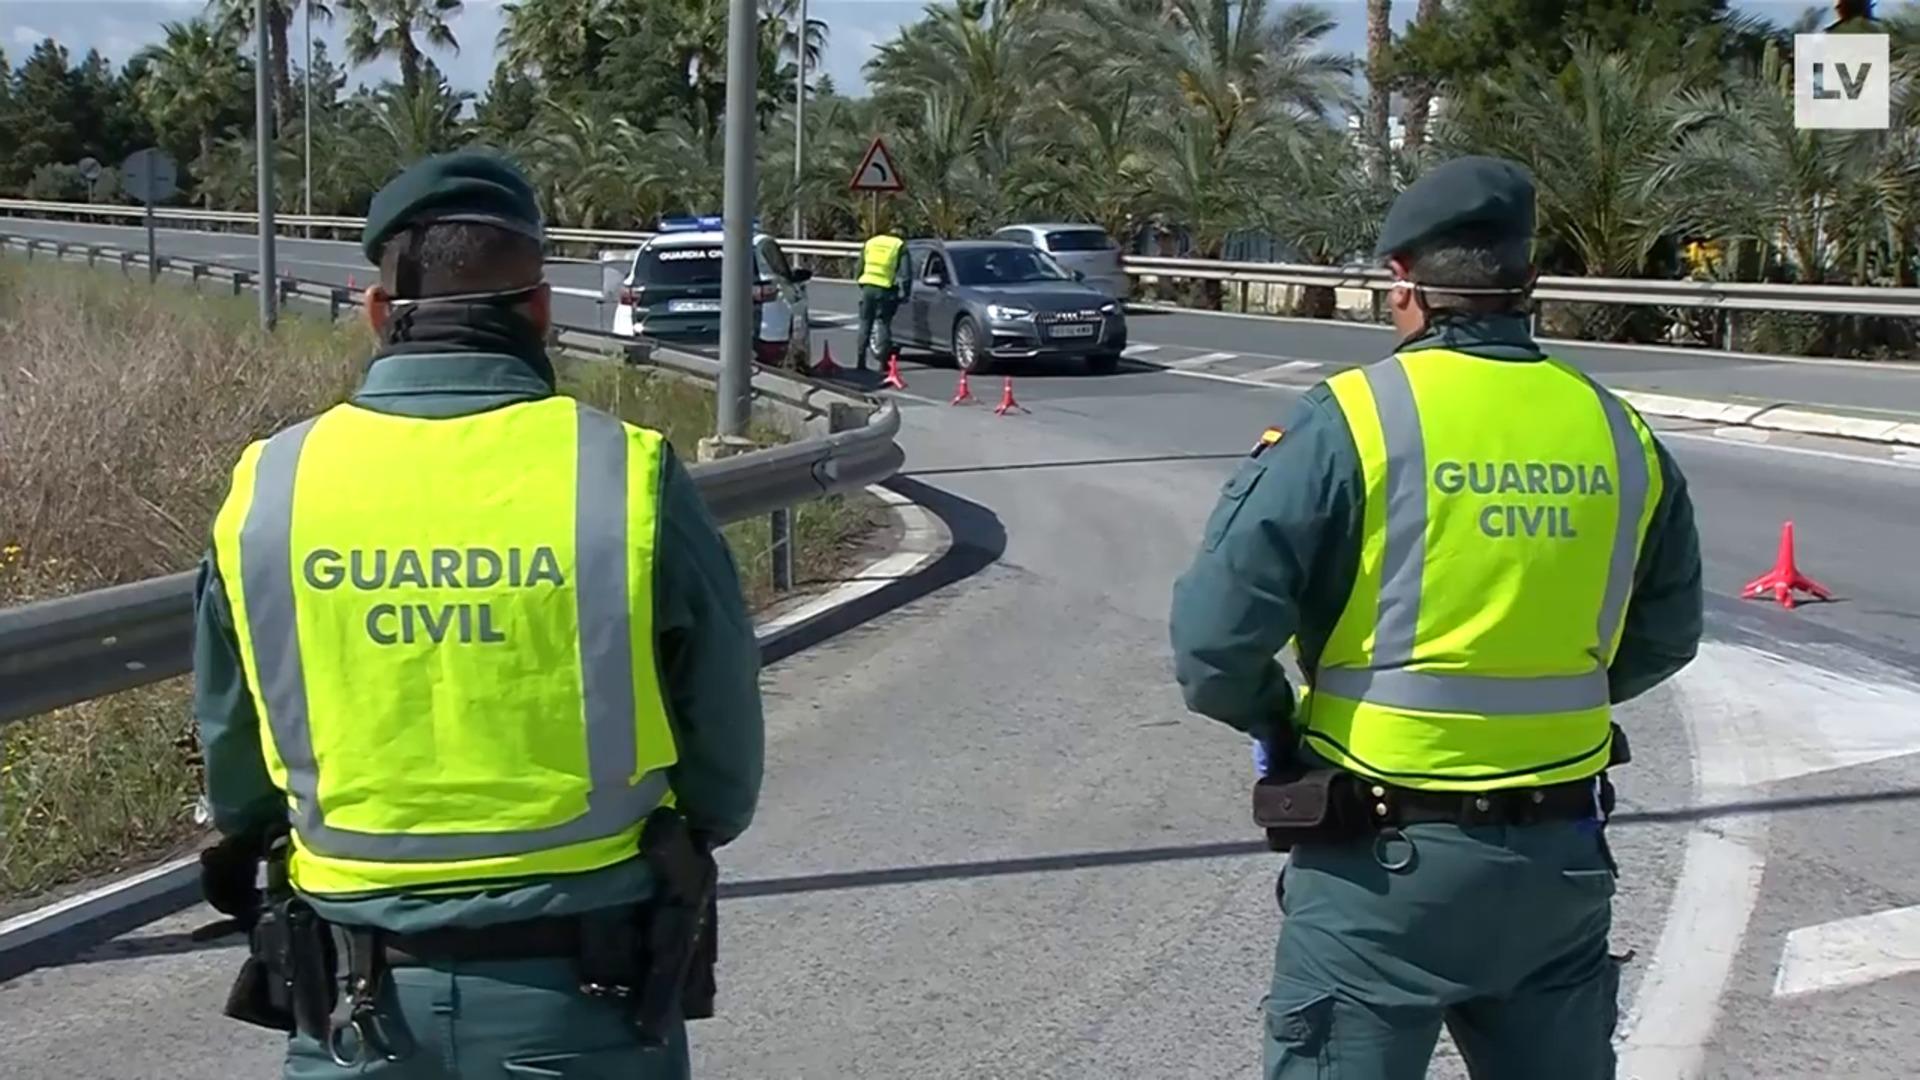 La Guardia Civil efectúa controles en Murcia para comprobar que se cumple el estado de alarma